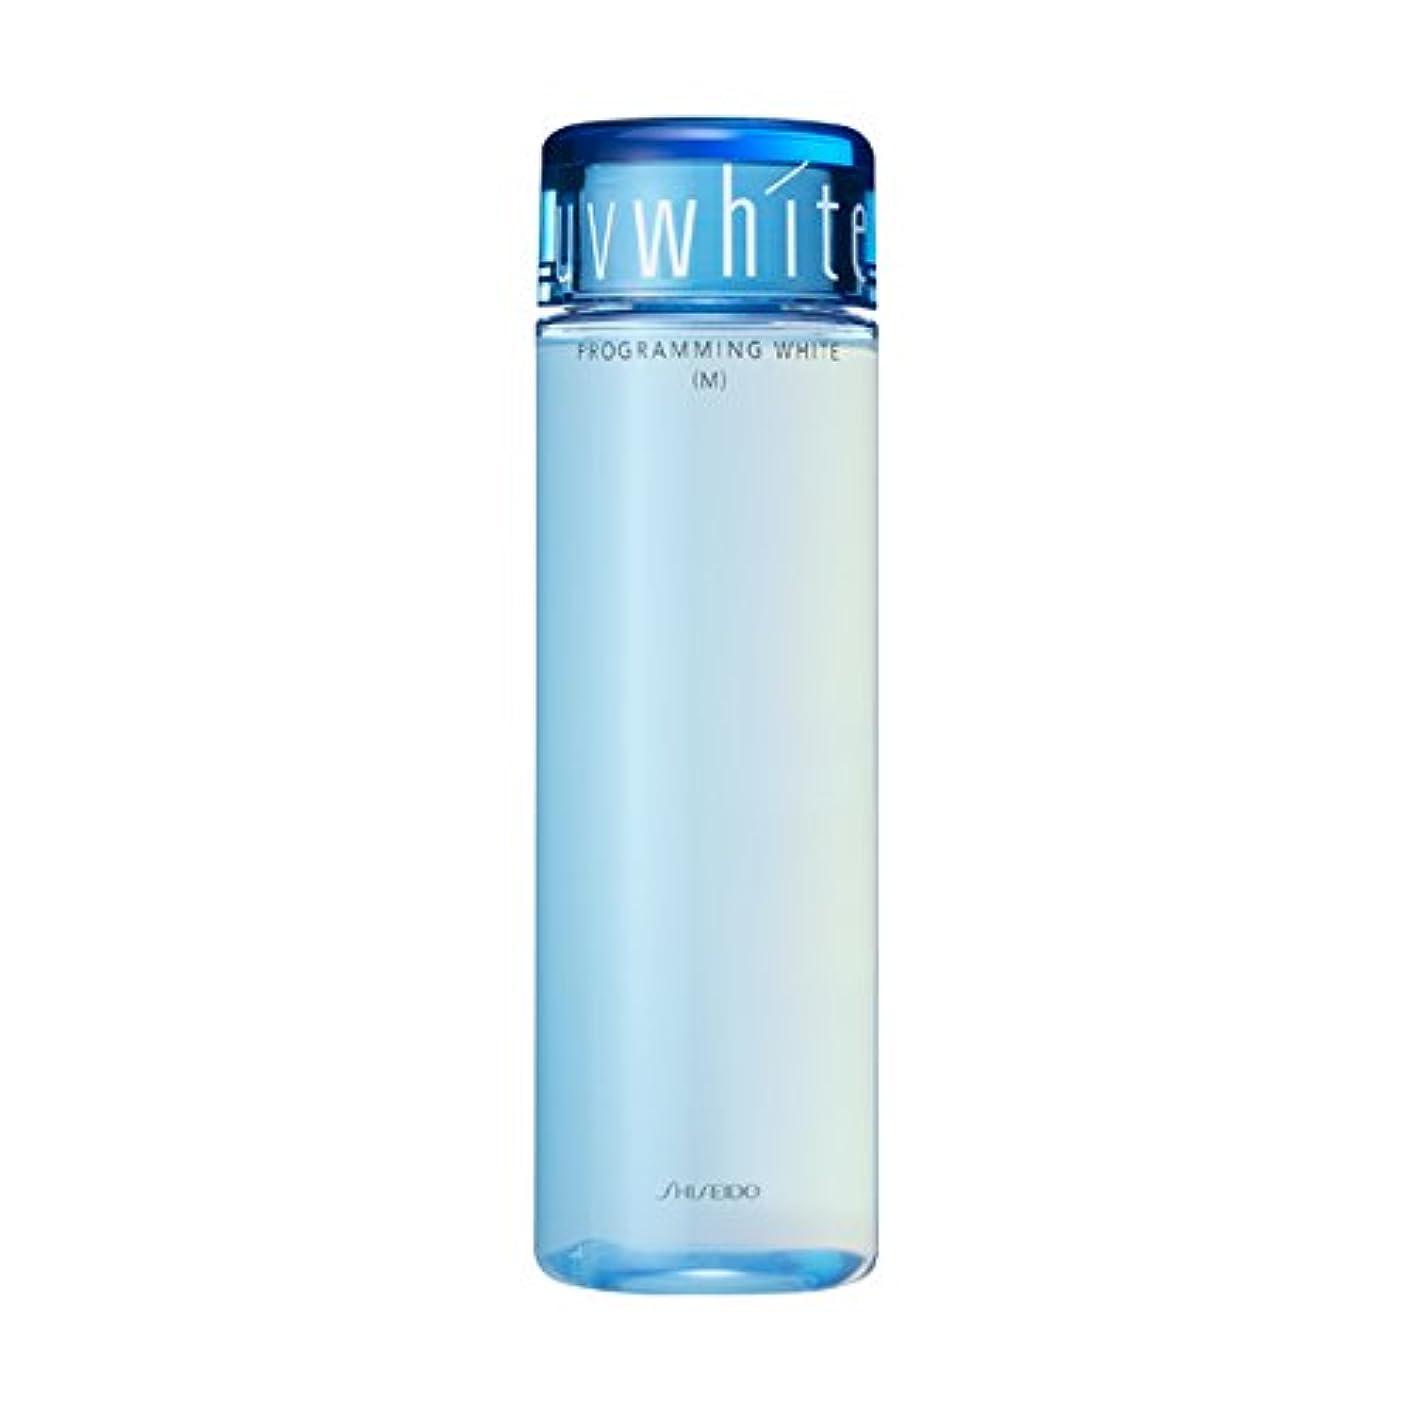 UVホワイト プログラミングホワイト(モイスチャー) 300mL 【医薬部外品】